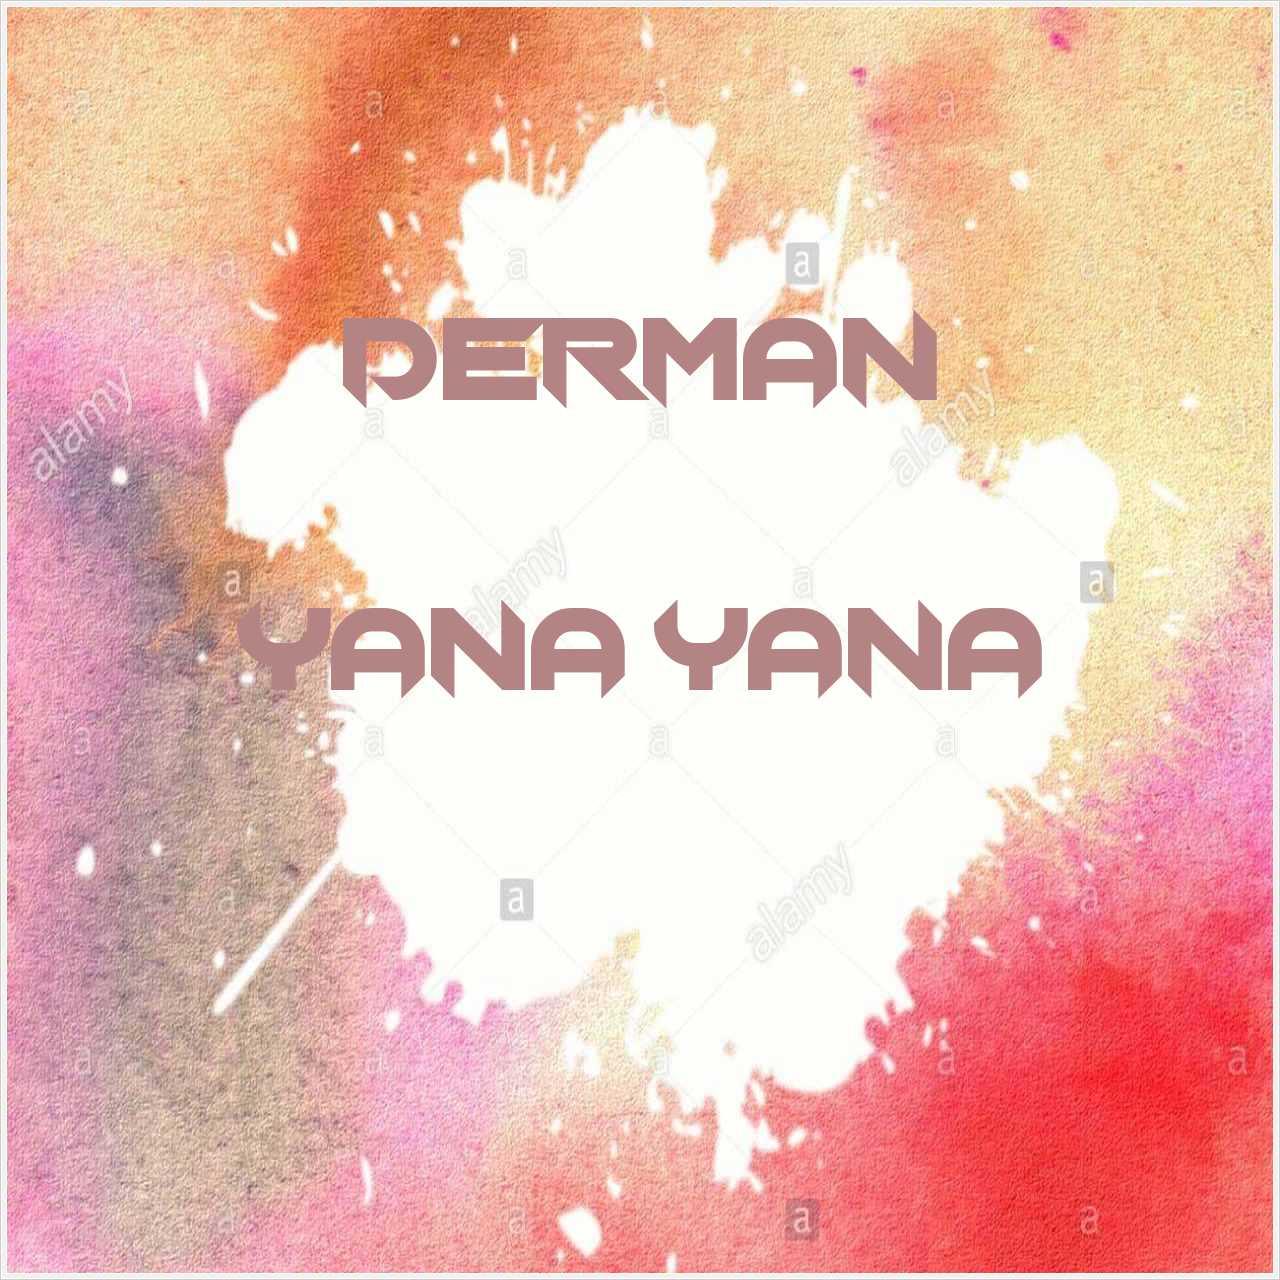 دانلود آهنگ جدید Derman به نام Yana Yana